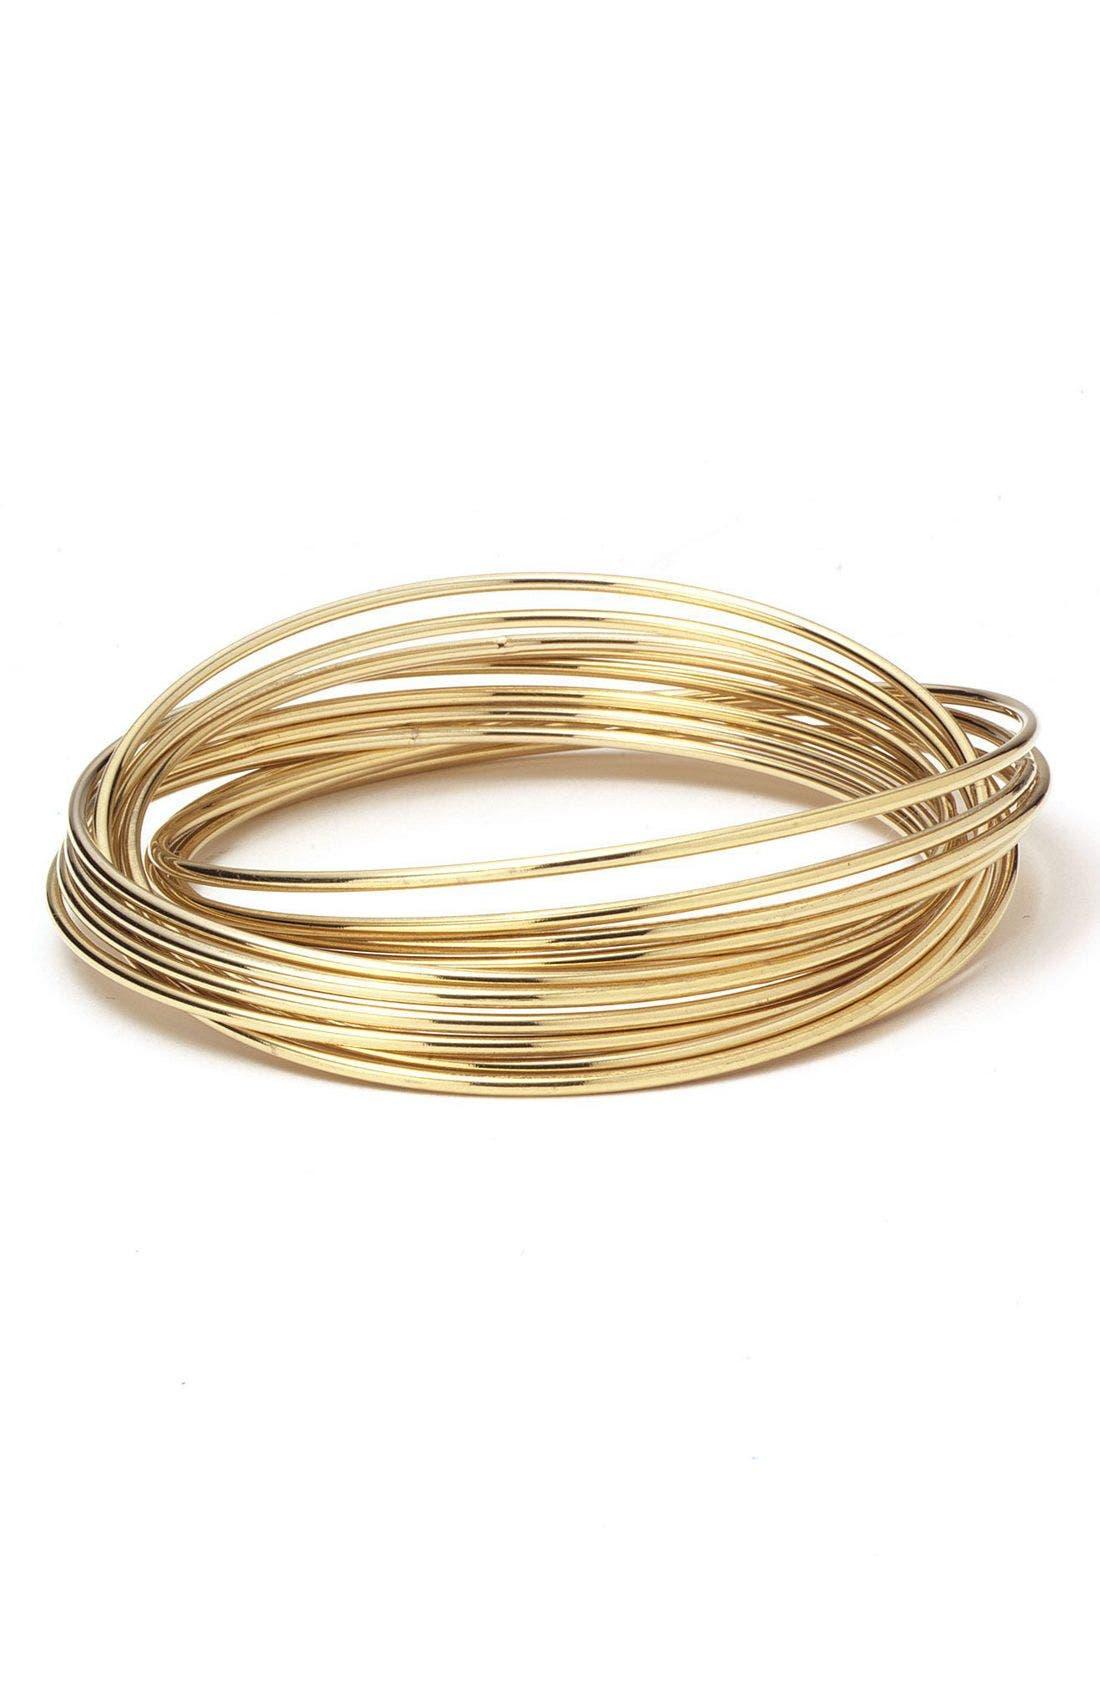 Main Image - Nordstrom Rolling Bangle Bracelets